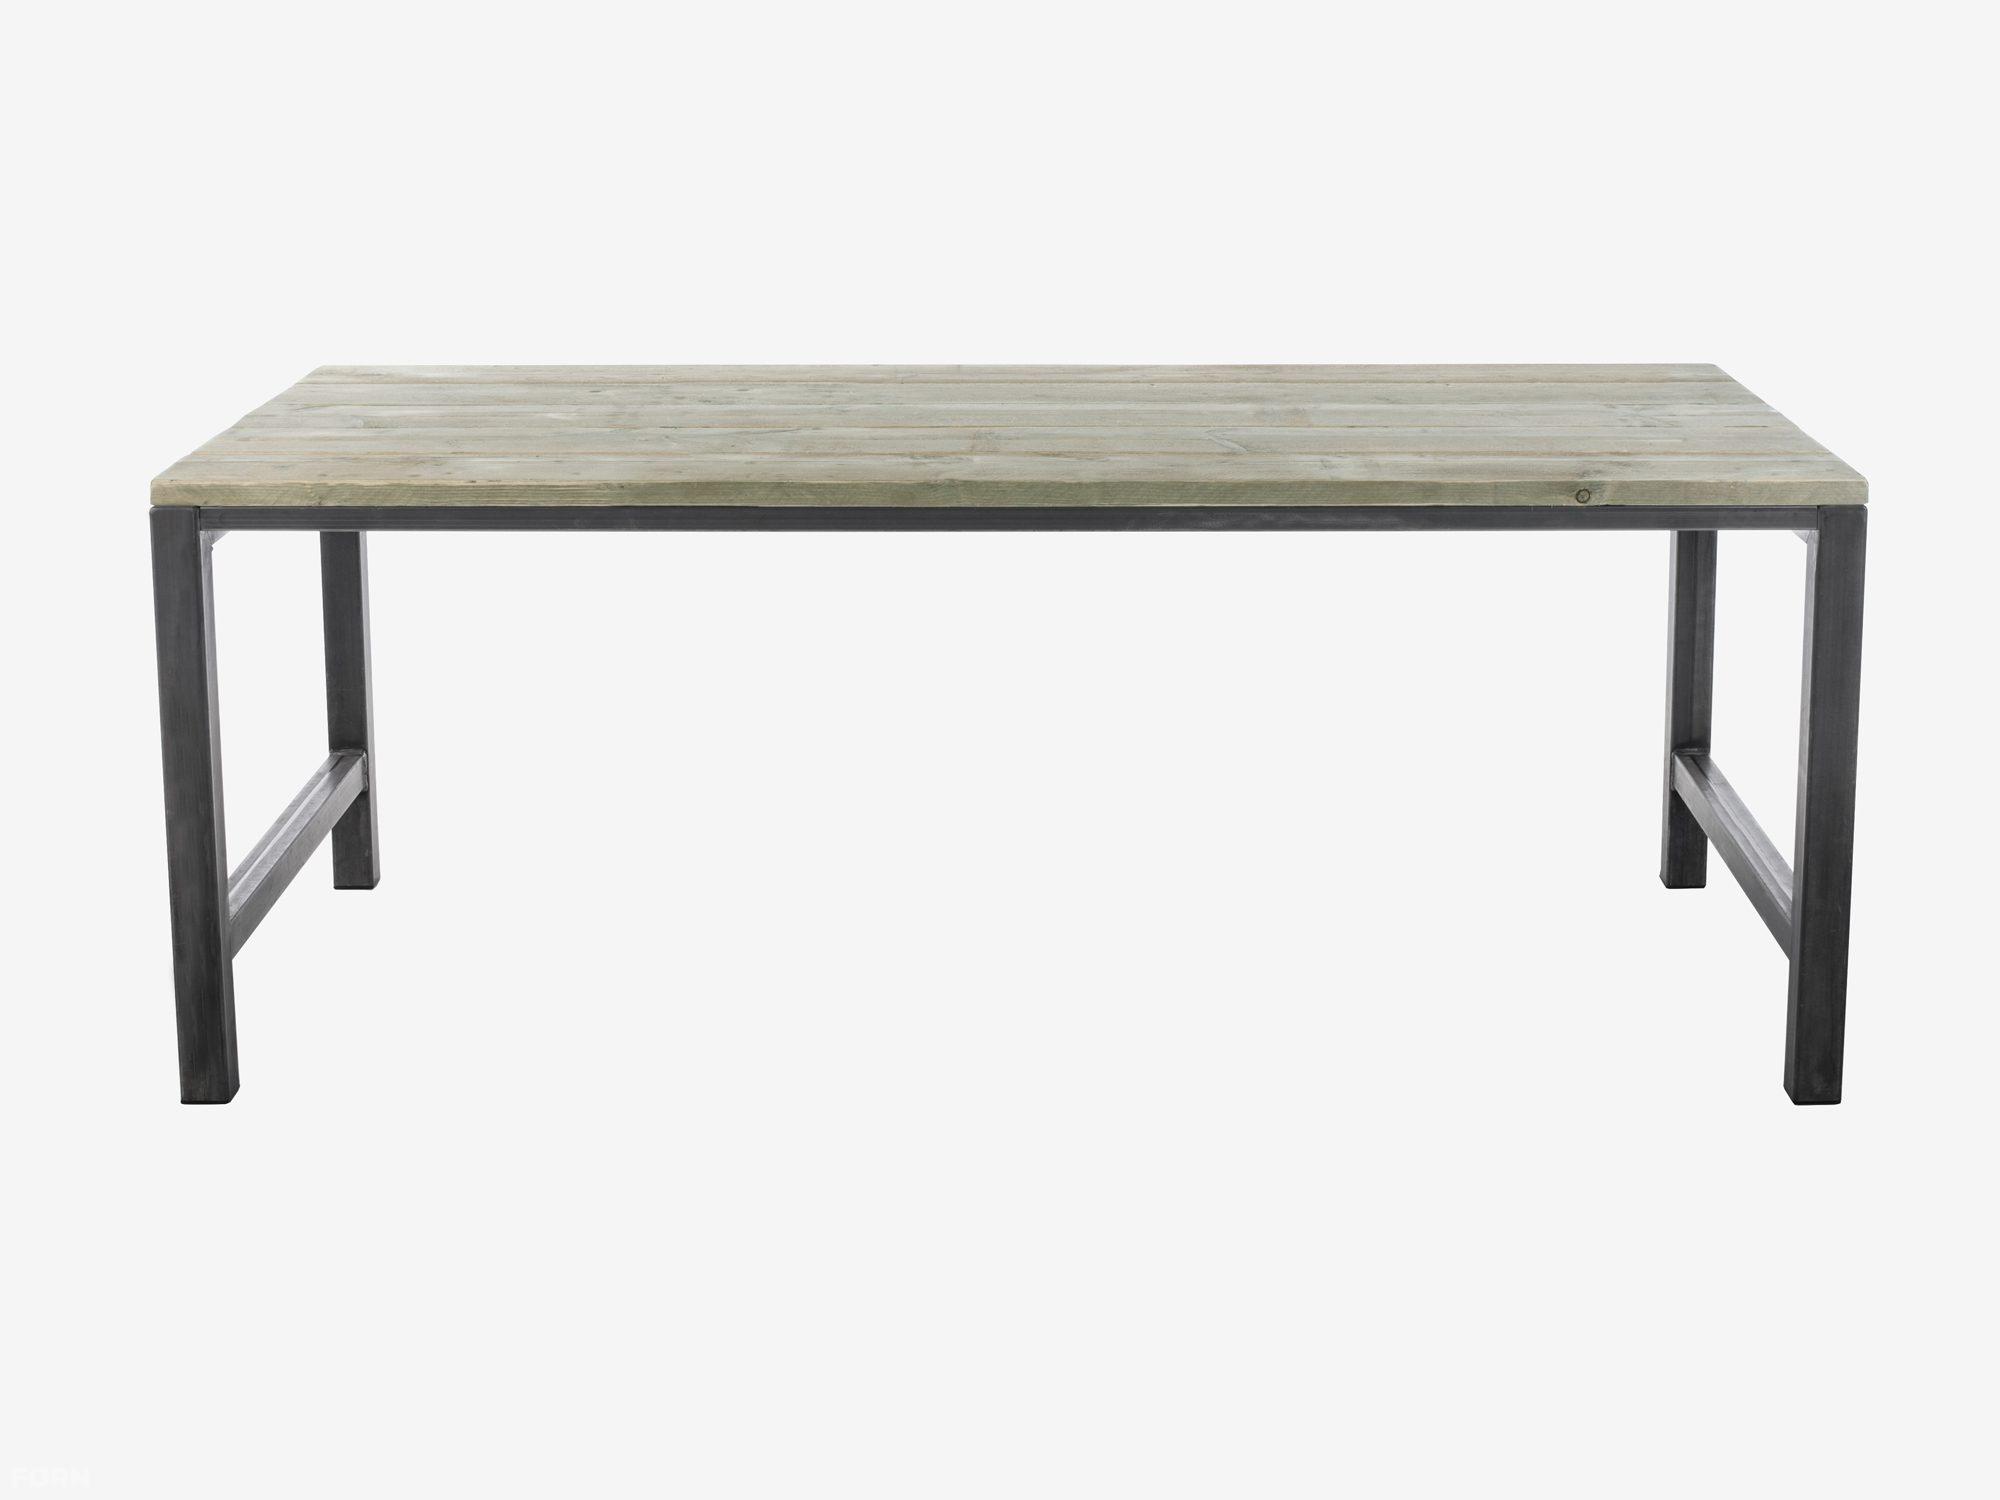 Steigerhouten tafel met stalen onderstel tafels met metaal